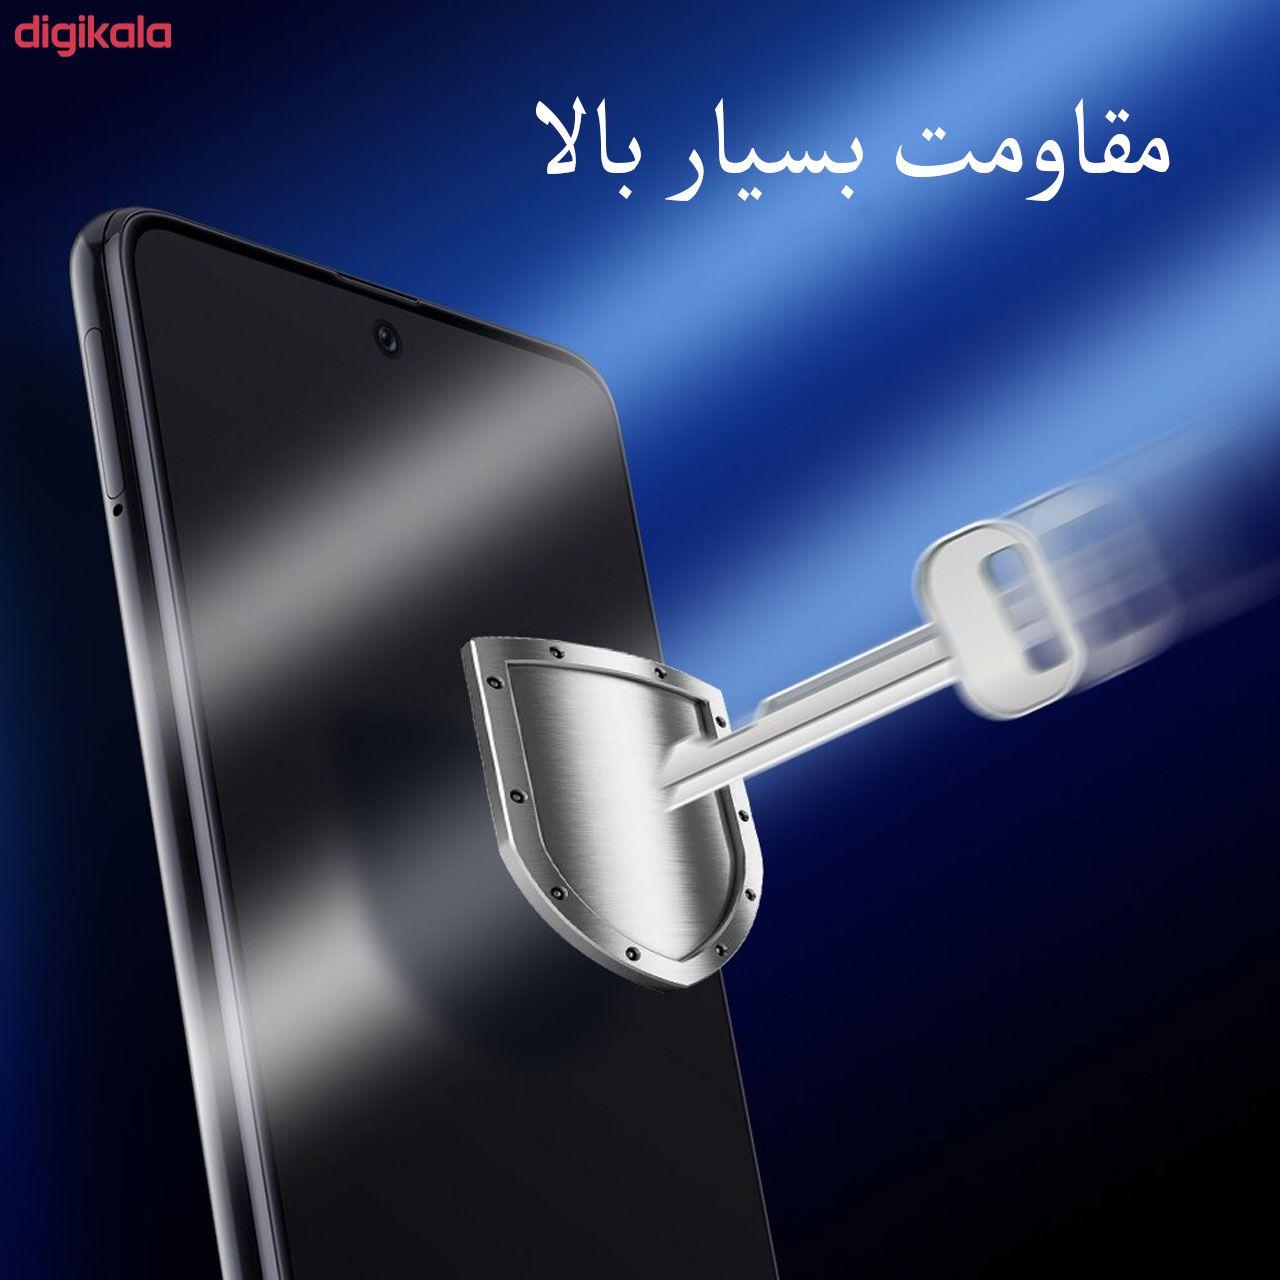 محافظ صفحه نمایش مدل FCG مناسب برای گوشی موبایل شیائومی Poco X3 main 1 2